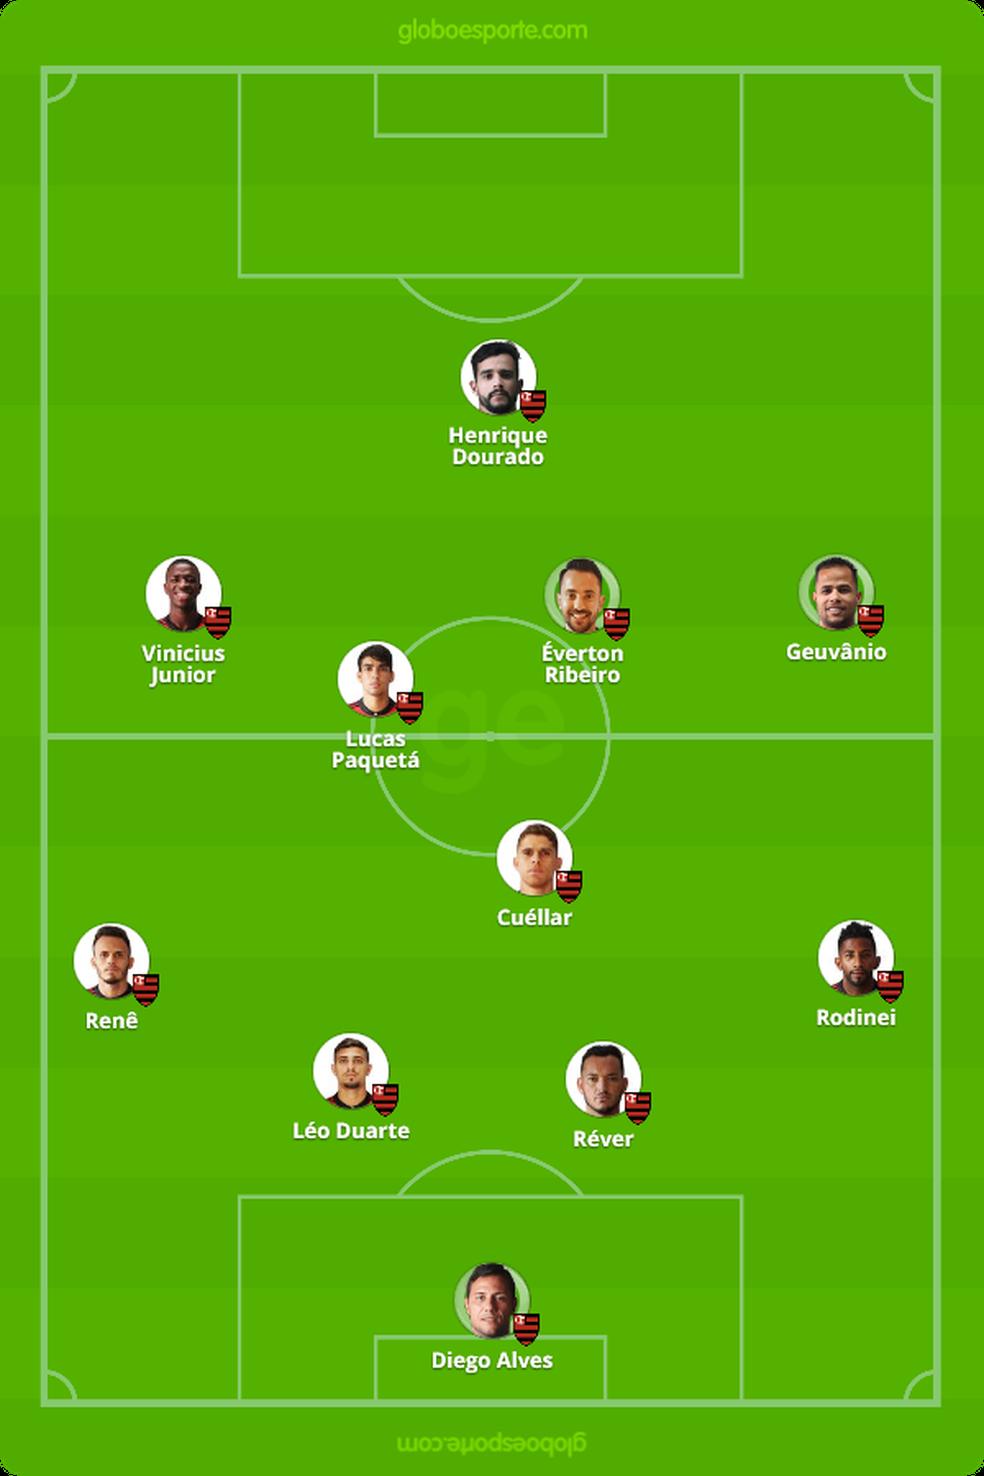 Flamengo terá Éverton Ribeiro no meio de campo, com Geuvânio pelo lado direito (Foto: Infoesporte)